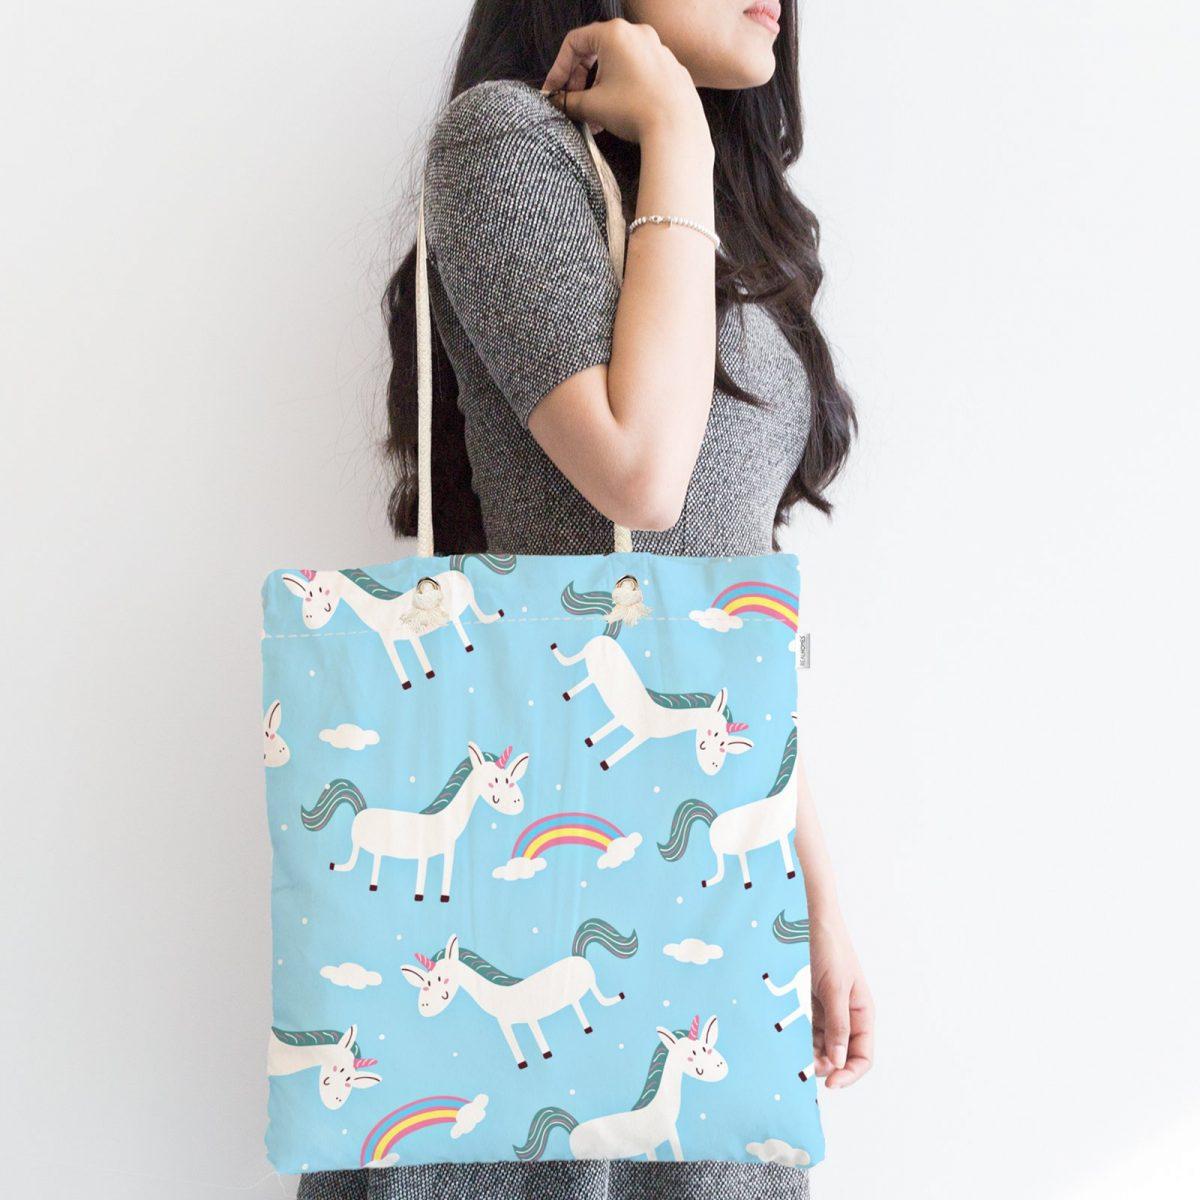 Mavi Zeminde Unicorn Desenli Dijital Baskılı Fermuarlı Modern Kumaş Çanta Realhomes